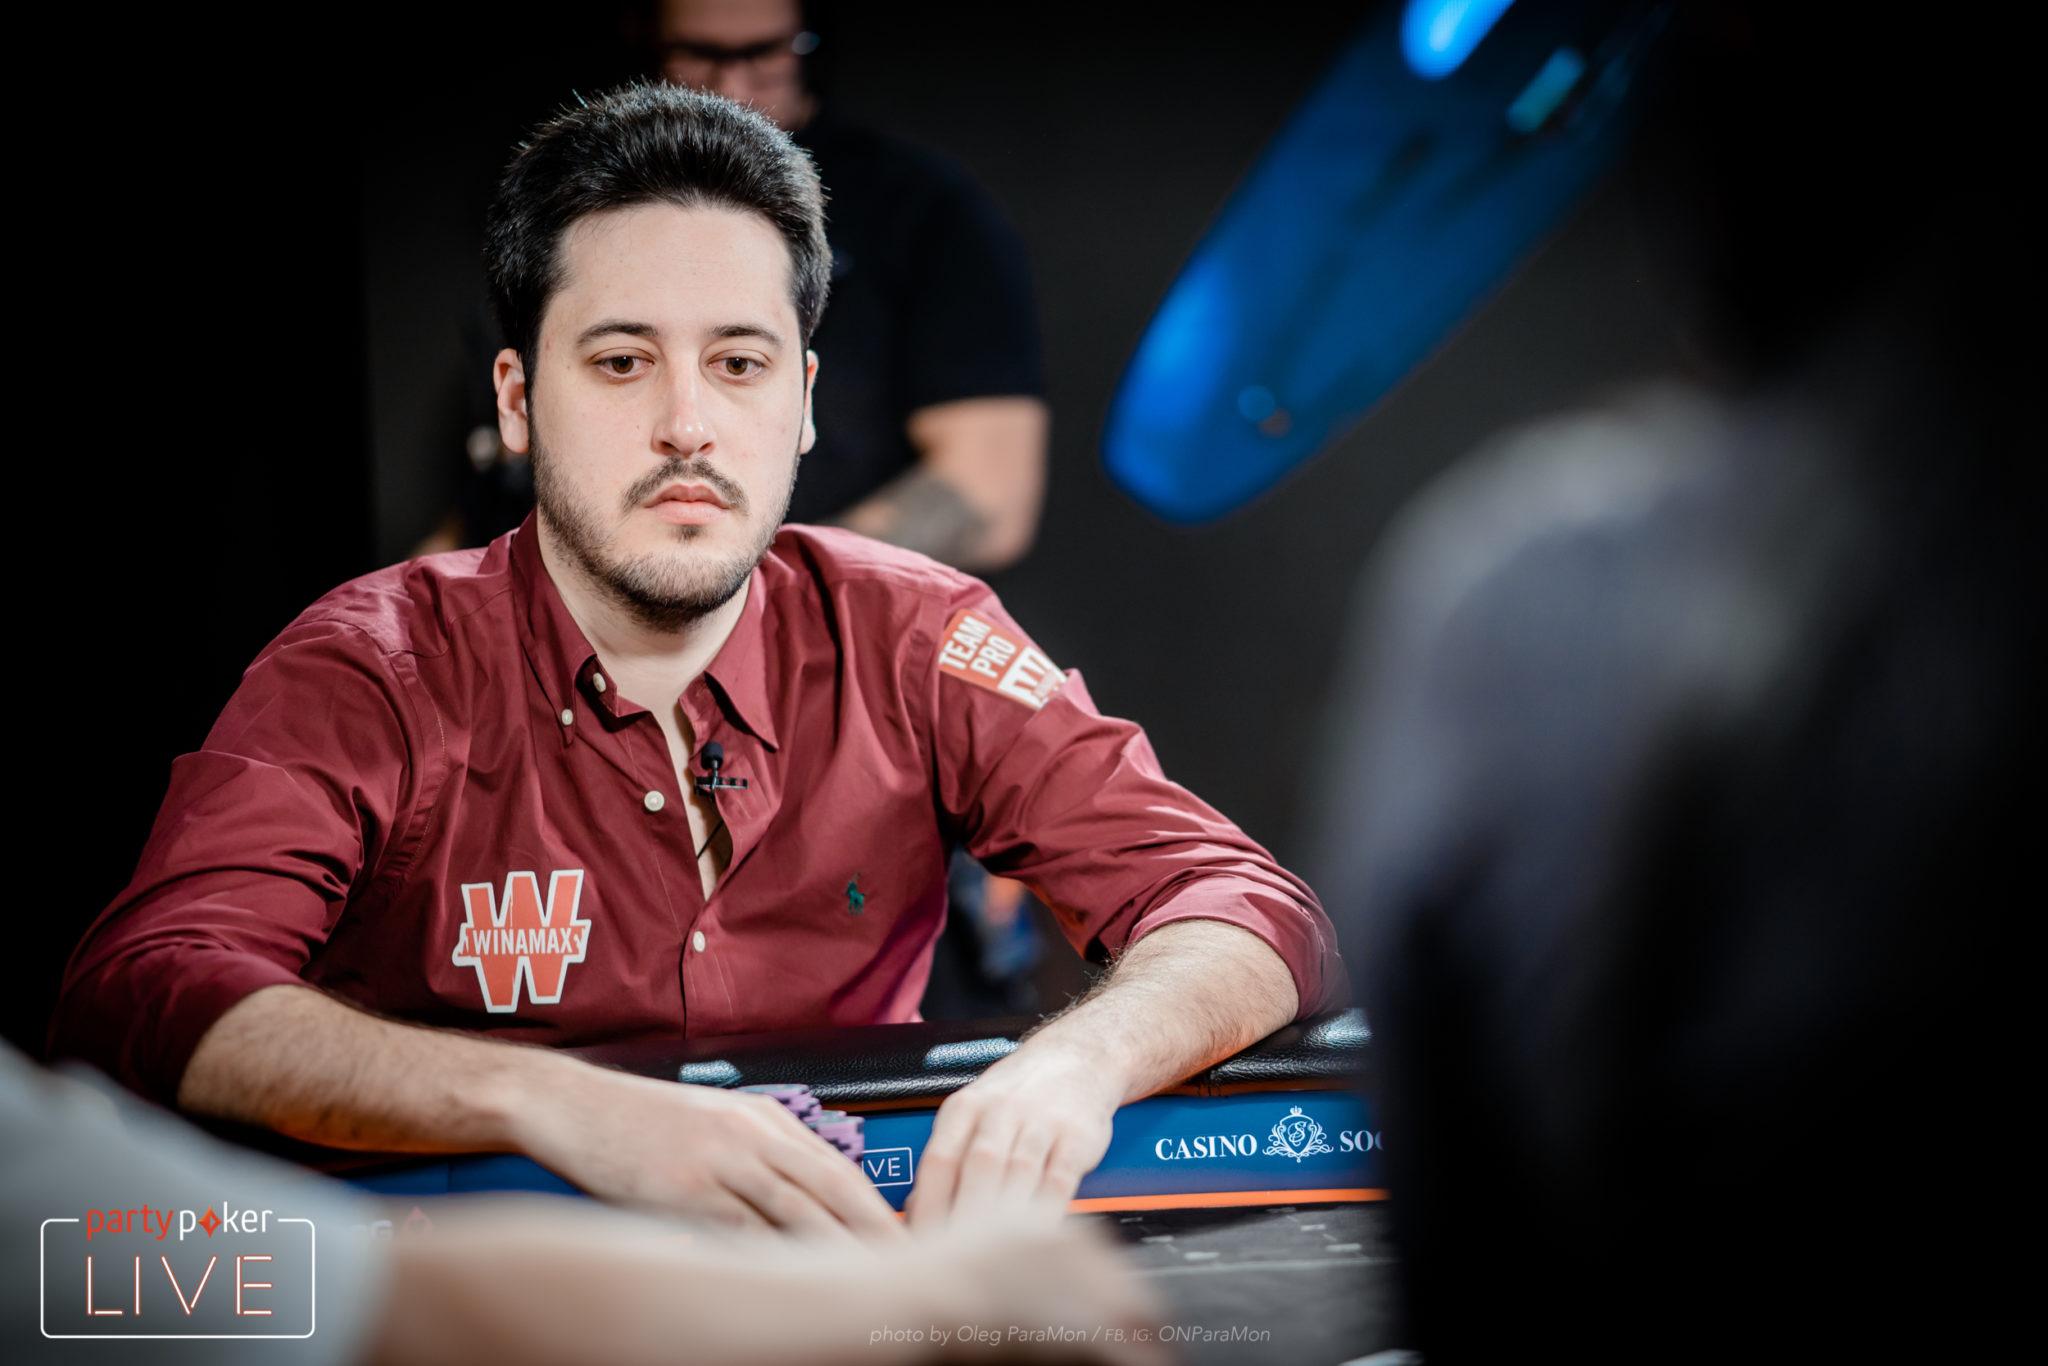 Chumba casino online gambling